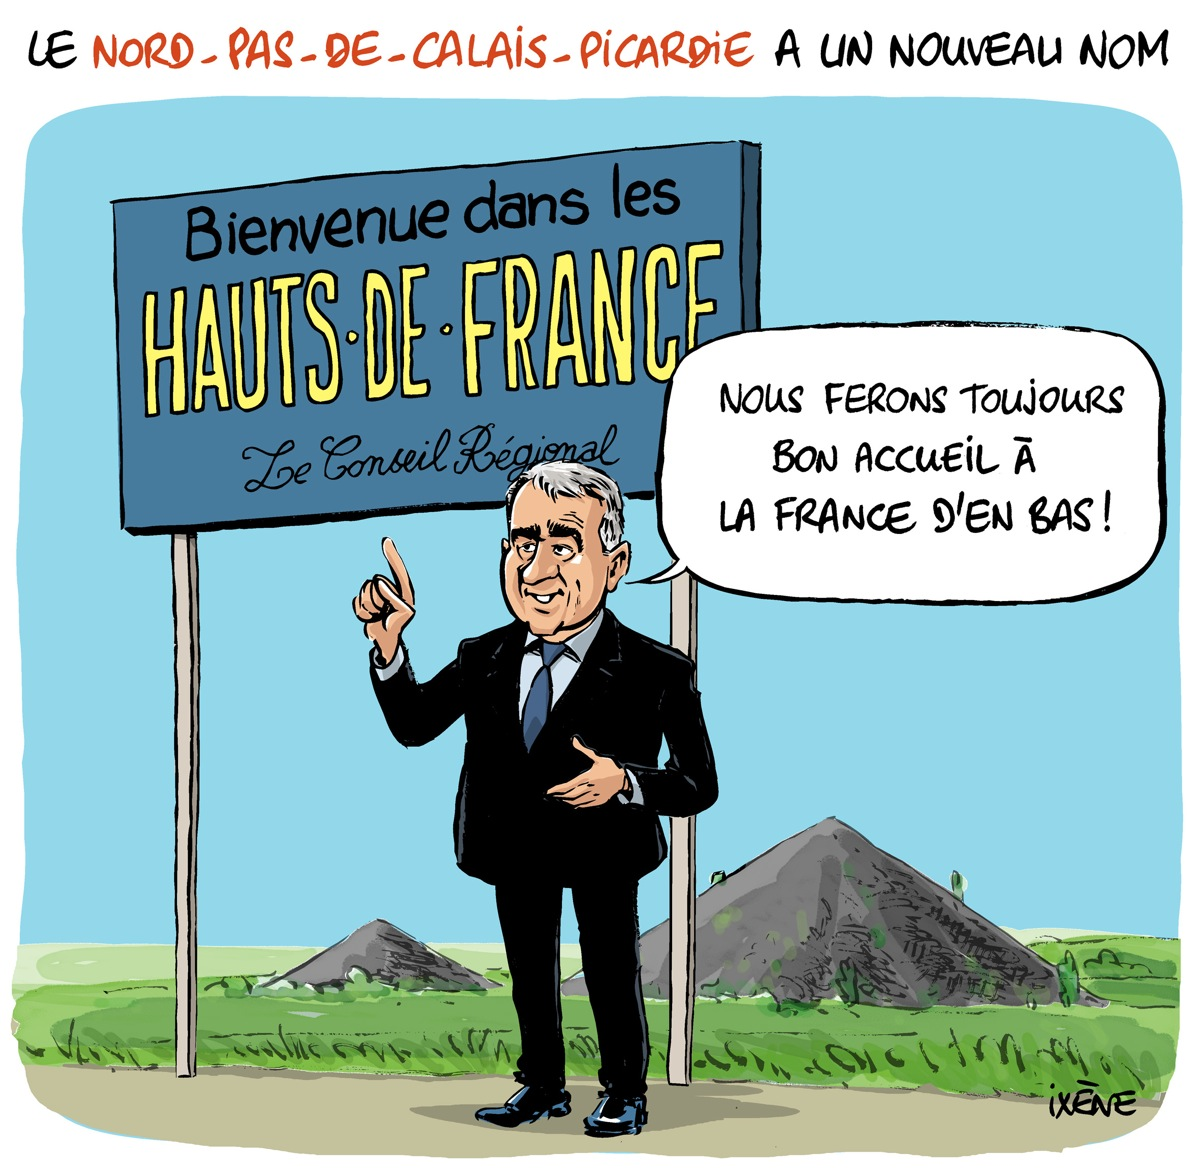 2016 03 21 Hauts-de-France